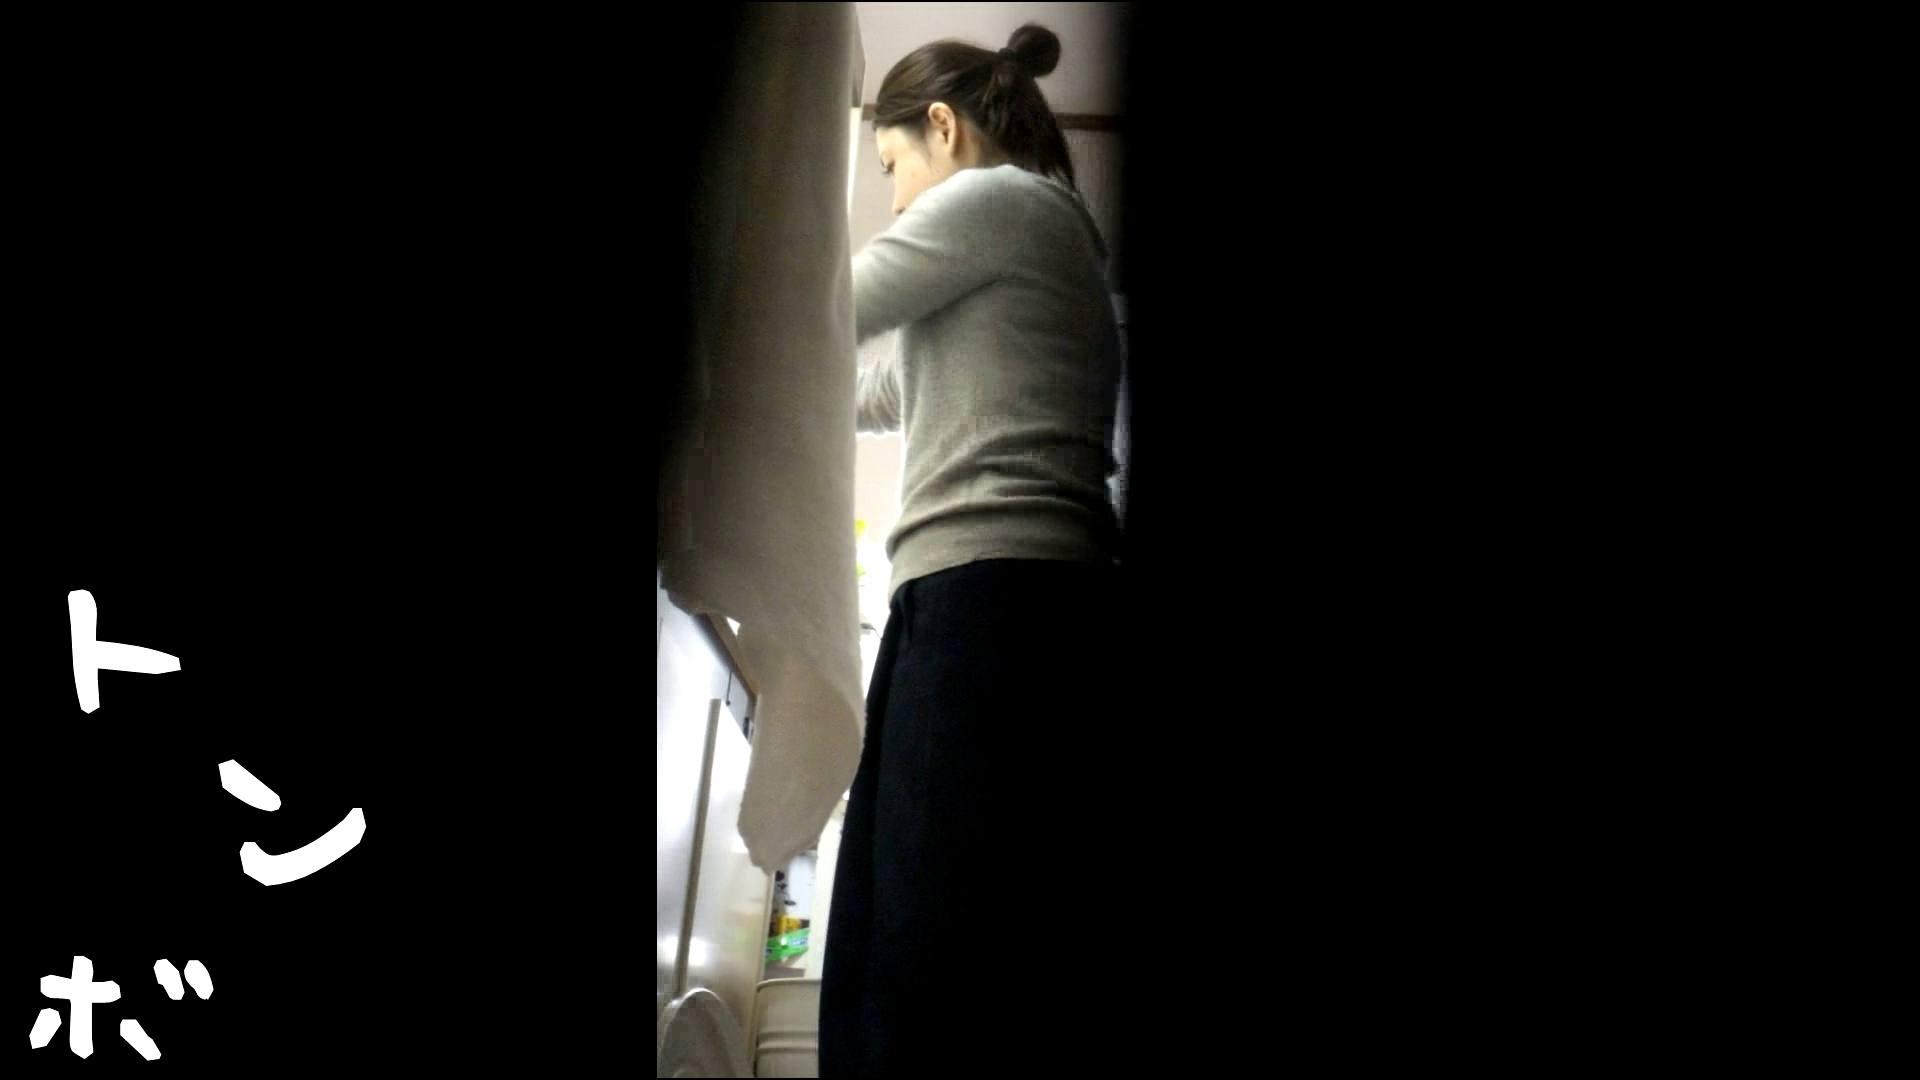 リアル盗撮 美人服飾専門学生の私生活 美女 おめこ無修正動画無料 88枚 2